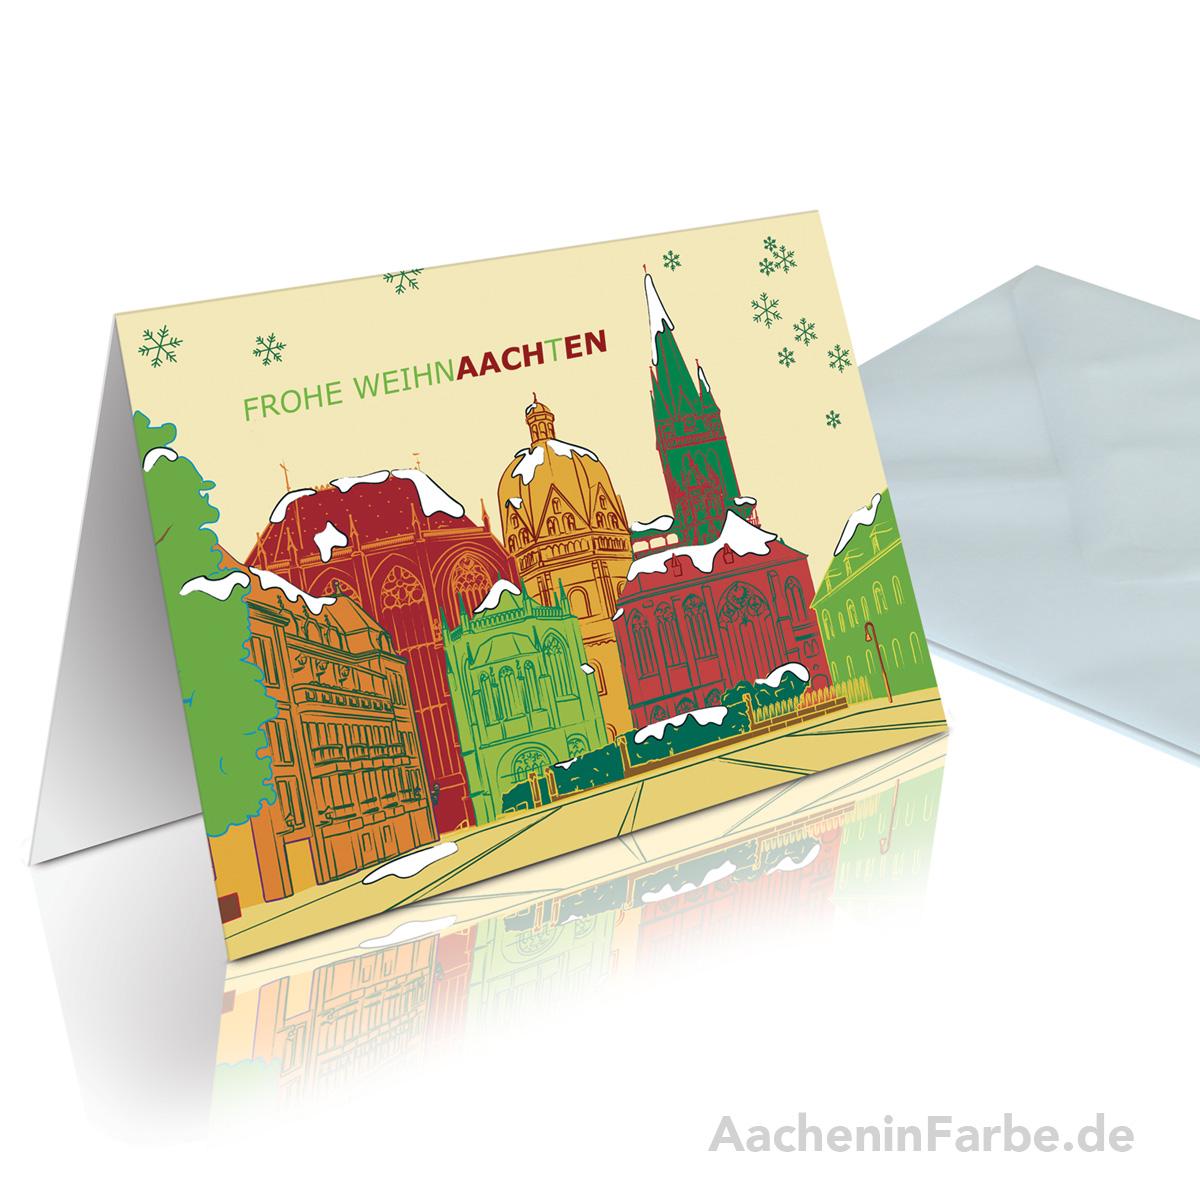 """Grußkarte """"Frohe WeihnAACHtEN"""", Aachener Dom, rot-grün"""